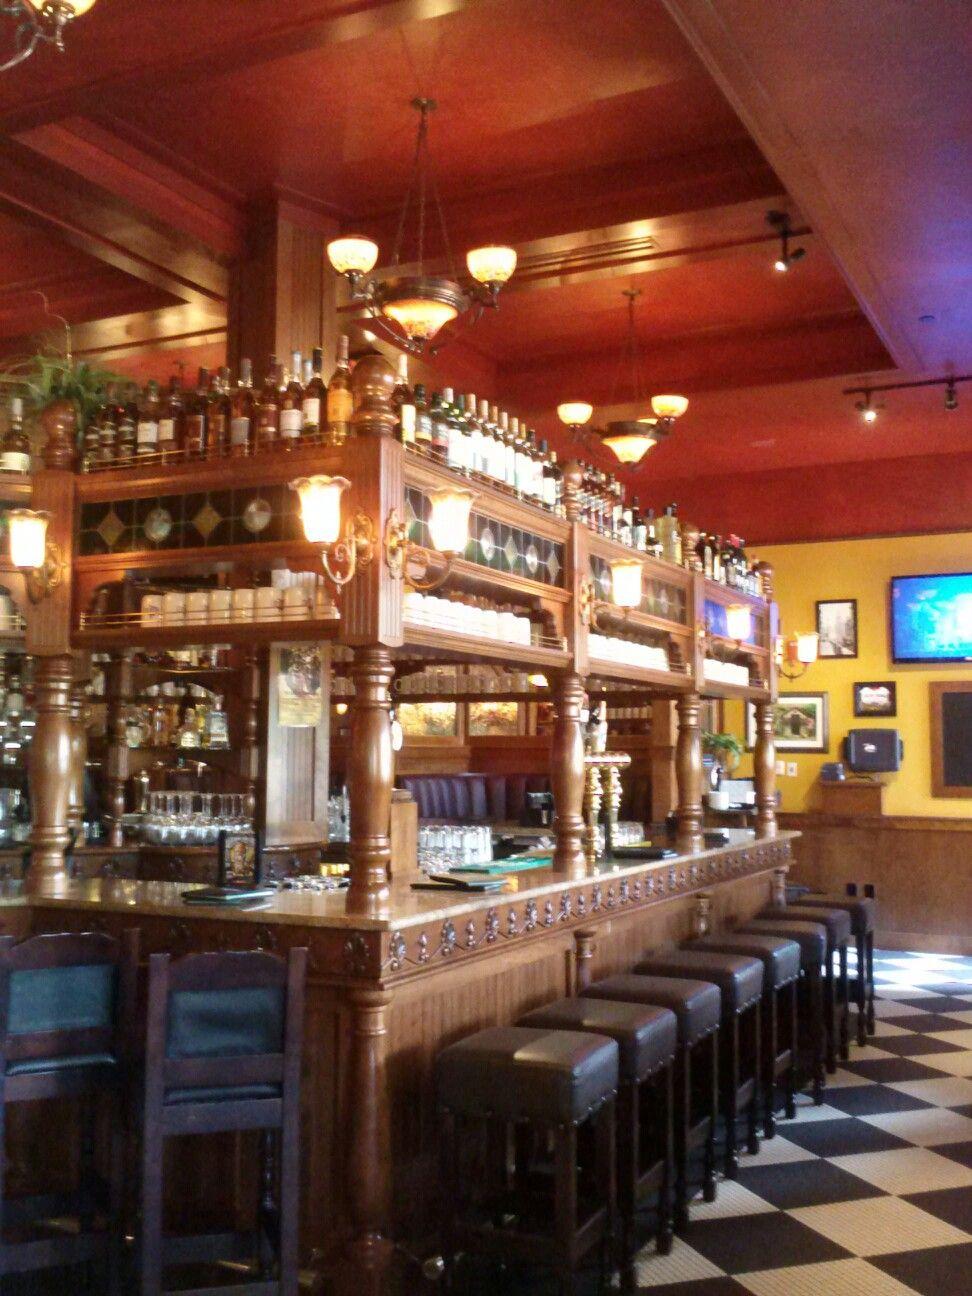 Orlando Florida Pointe The Pub Restaurant